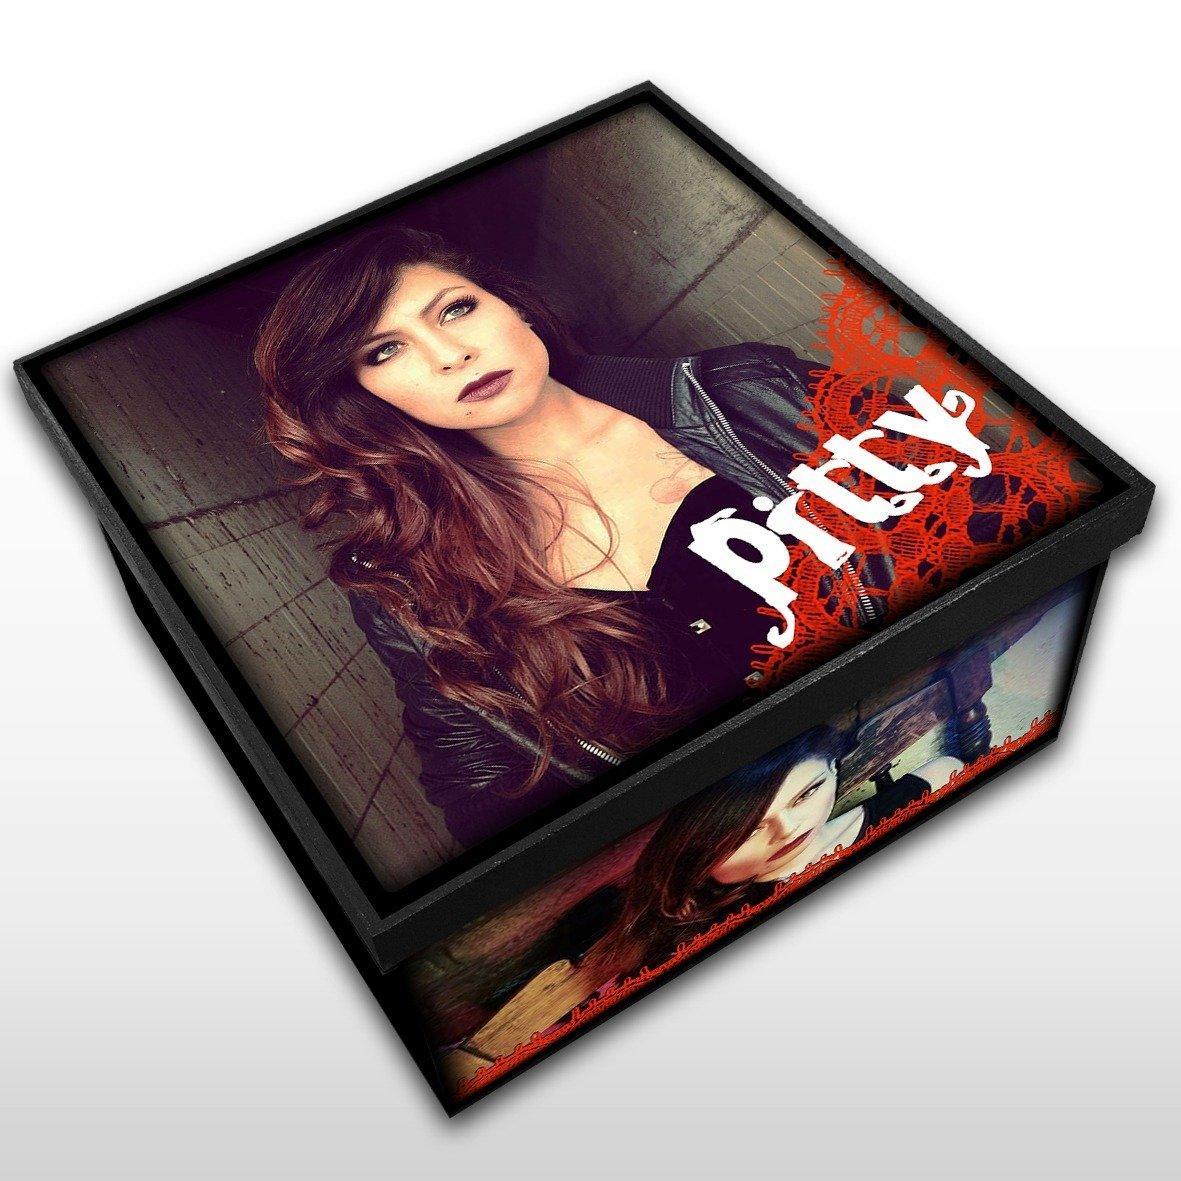 Pitty - Caixa Organizadora em Madeira MDF - Tamanho Médio - Mr. Rock